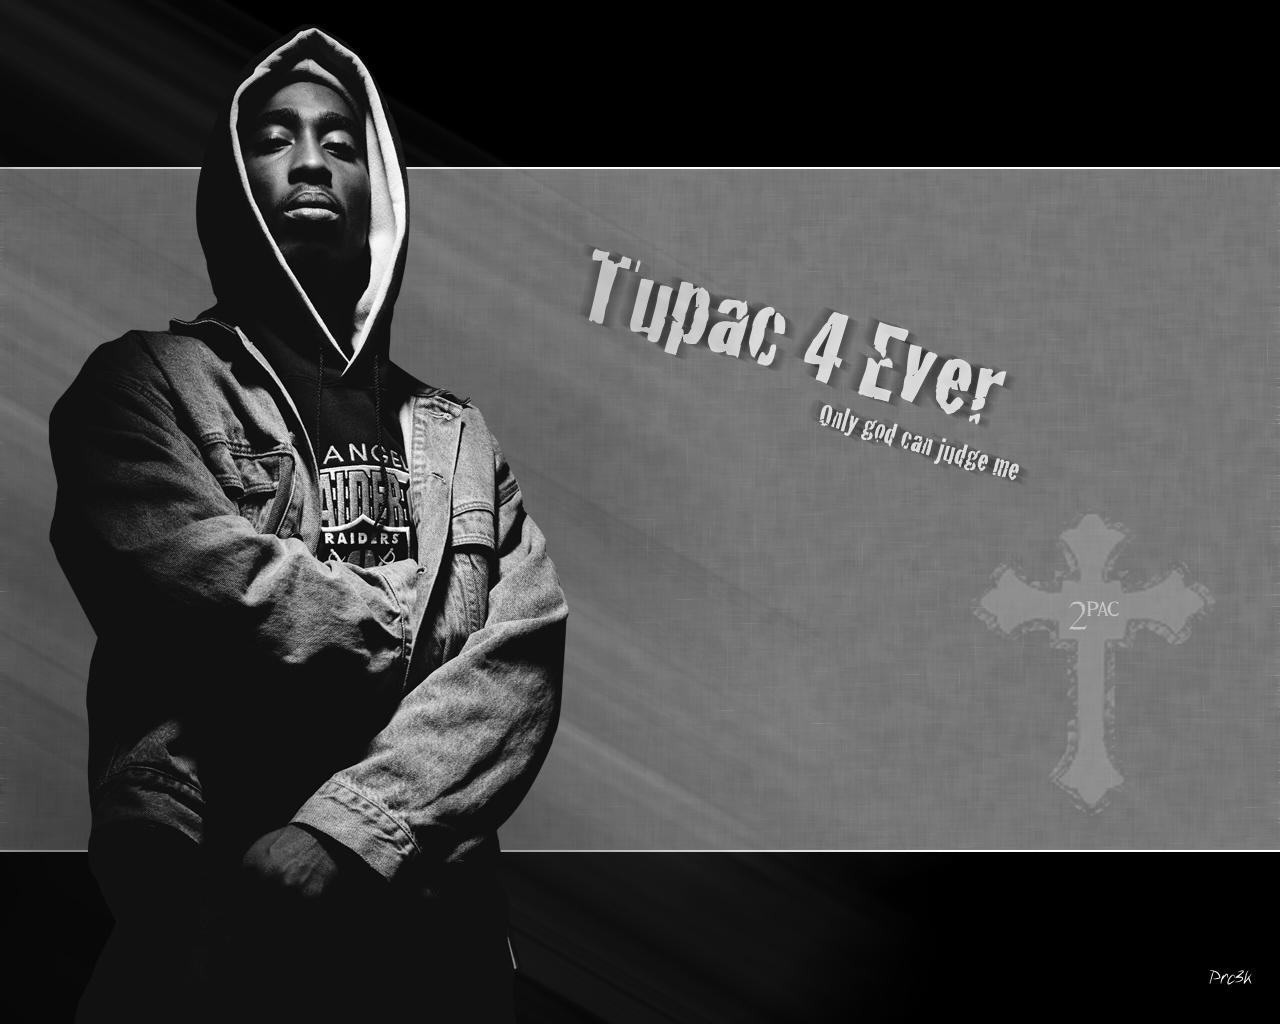 2pac - Tupac Shakur - HD Wallpaper